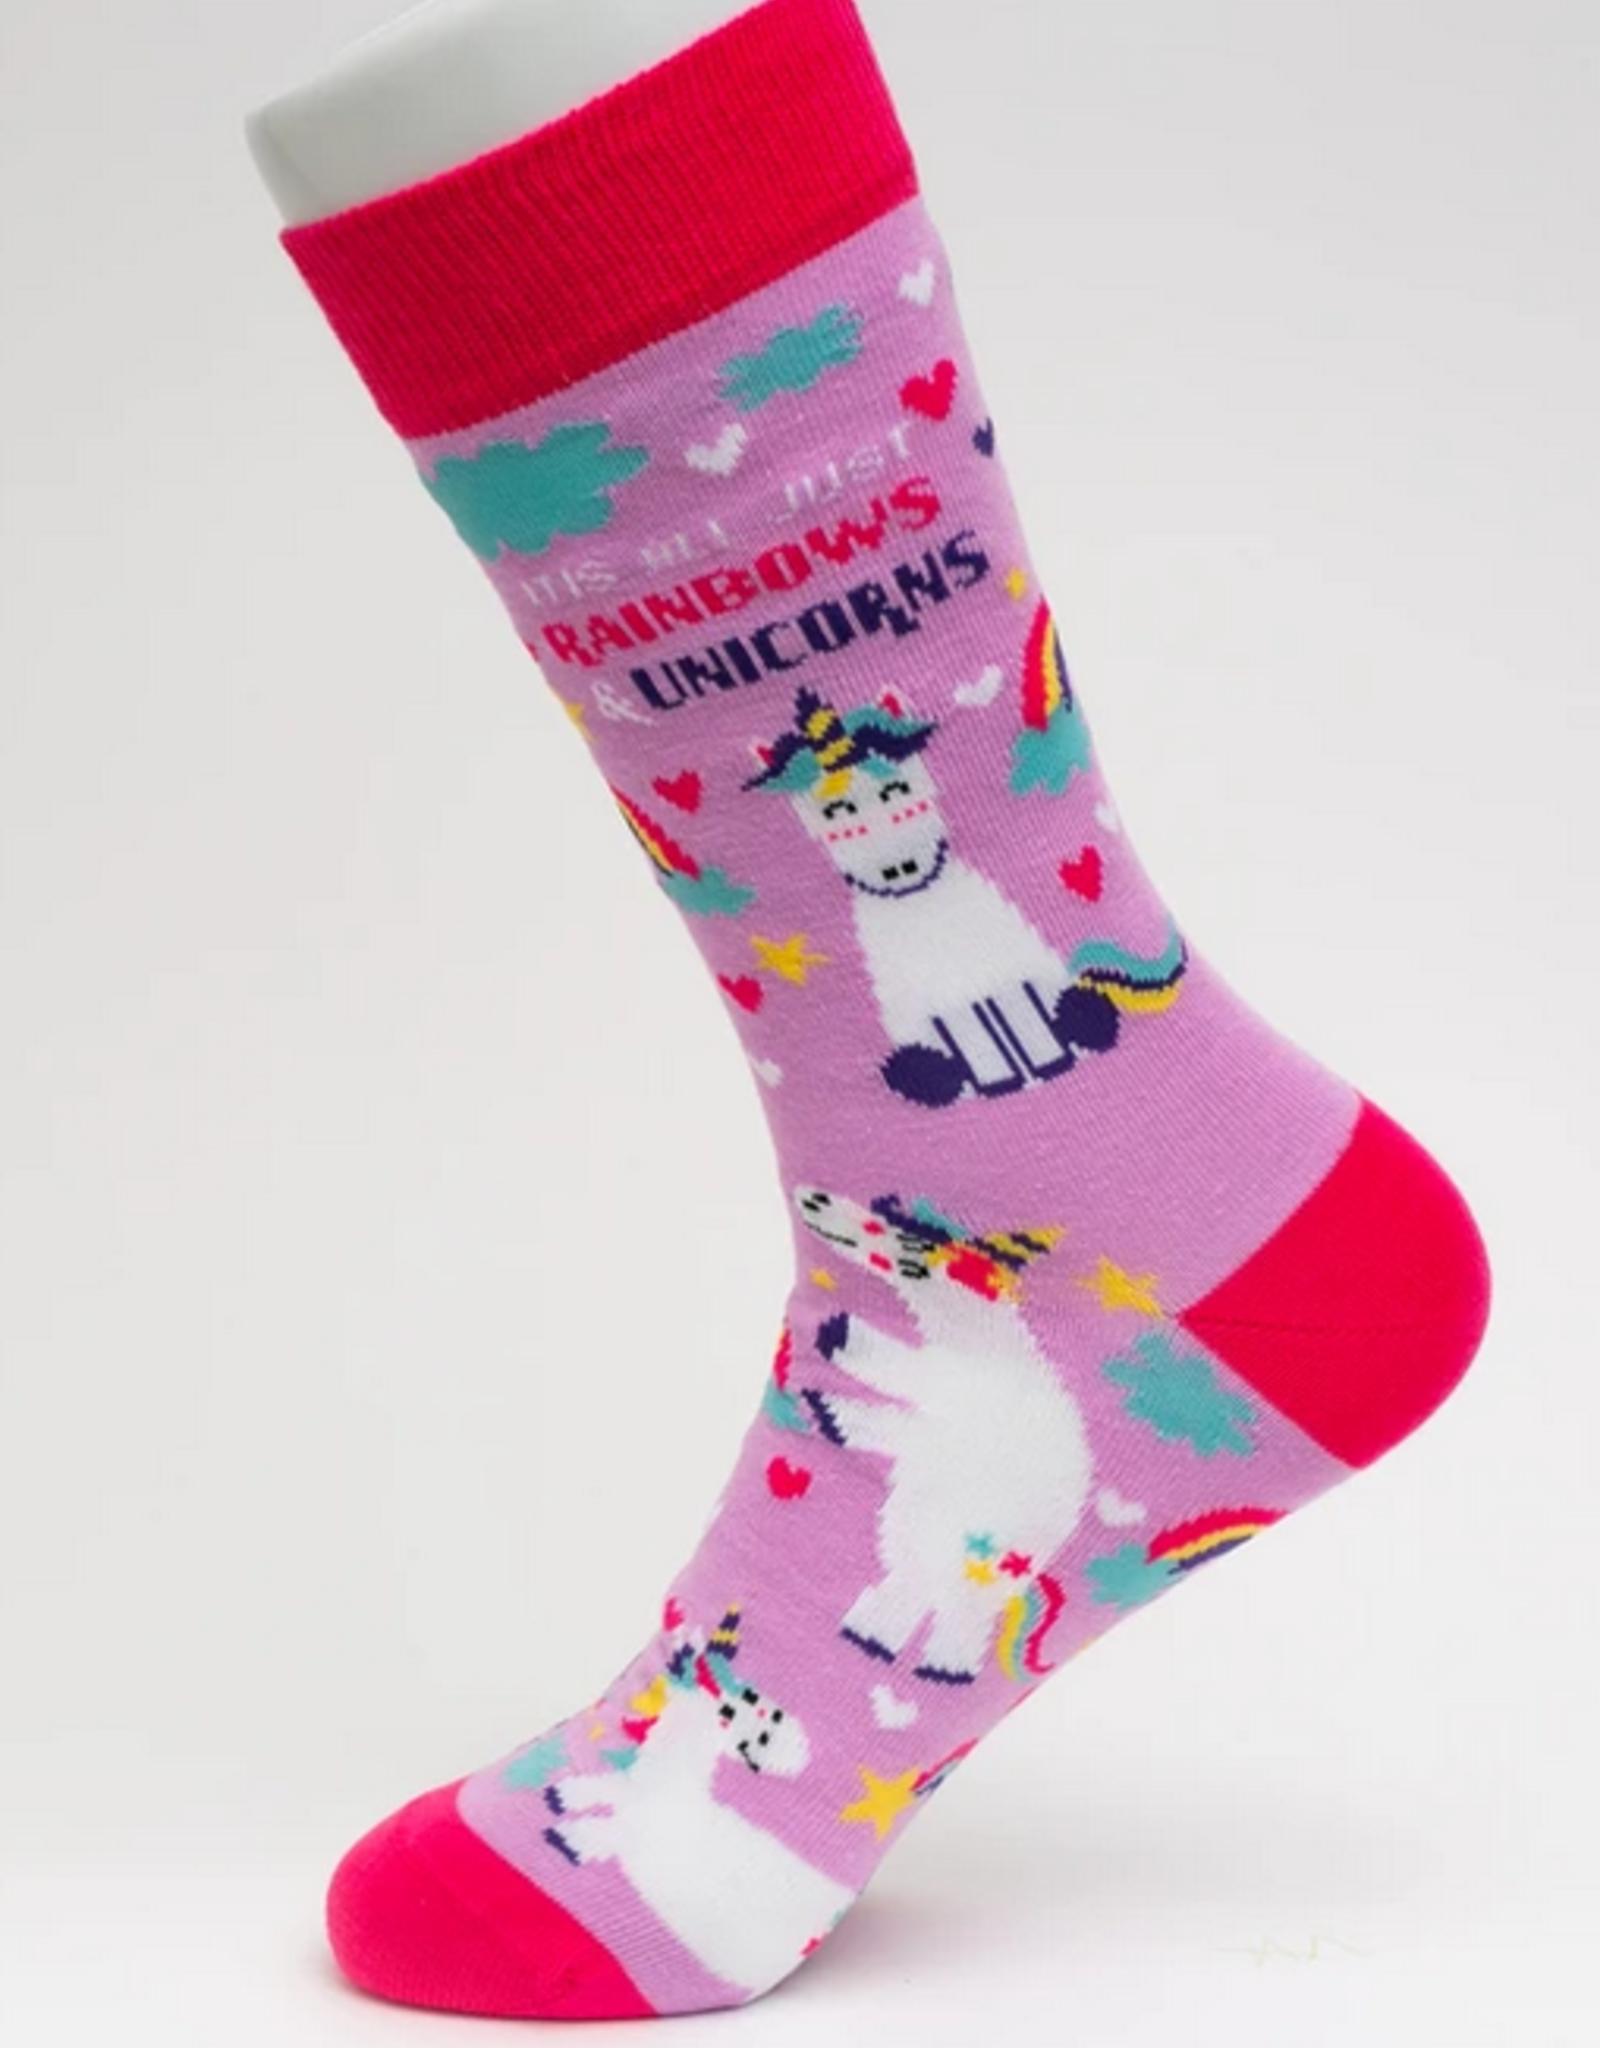 Sock Atomica Novelty Cotton Socks